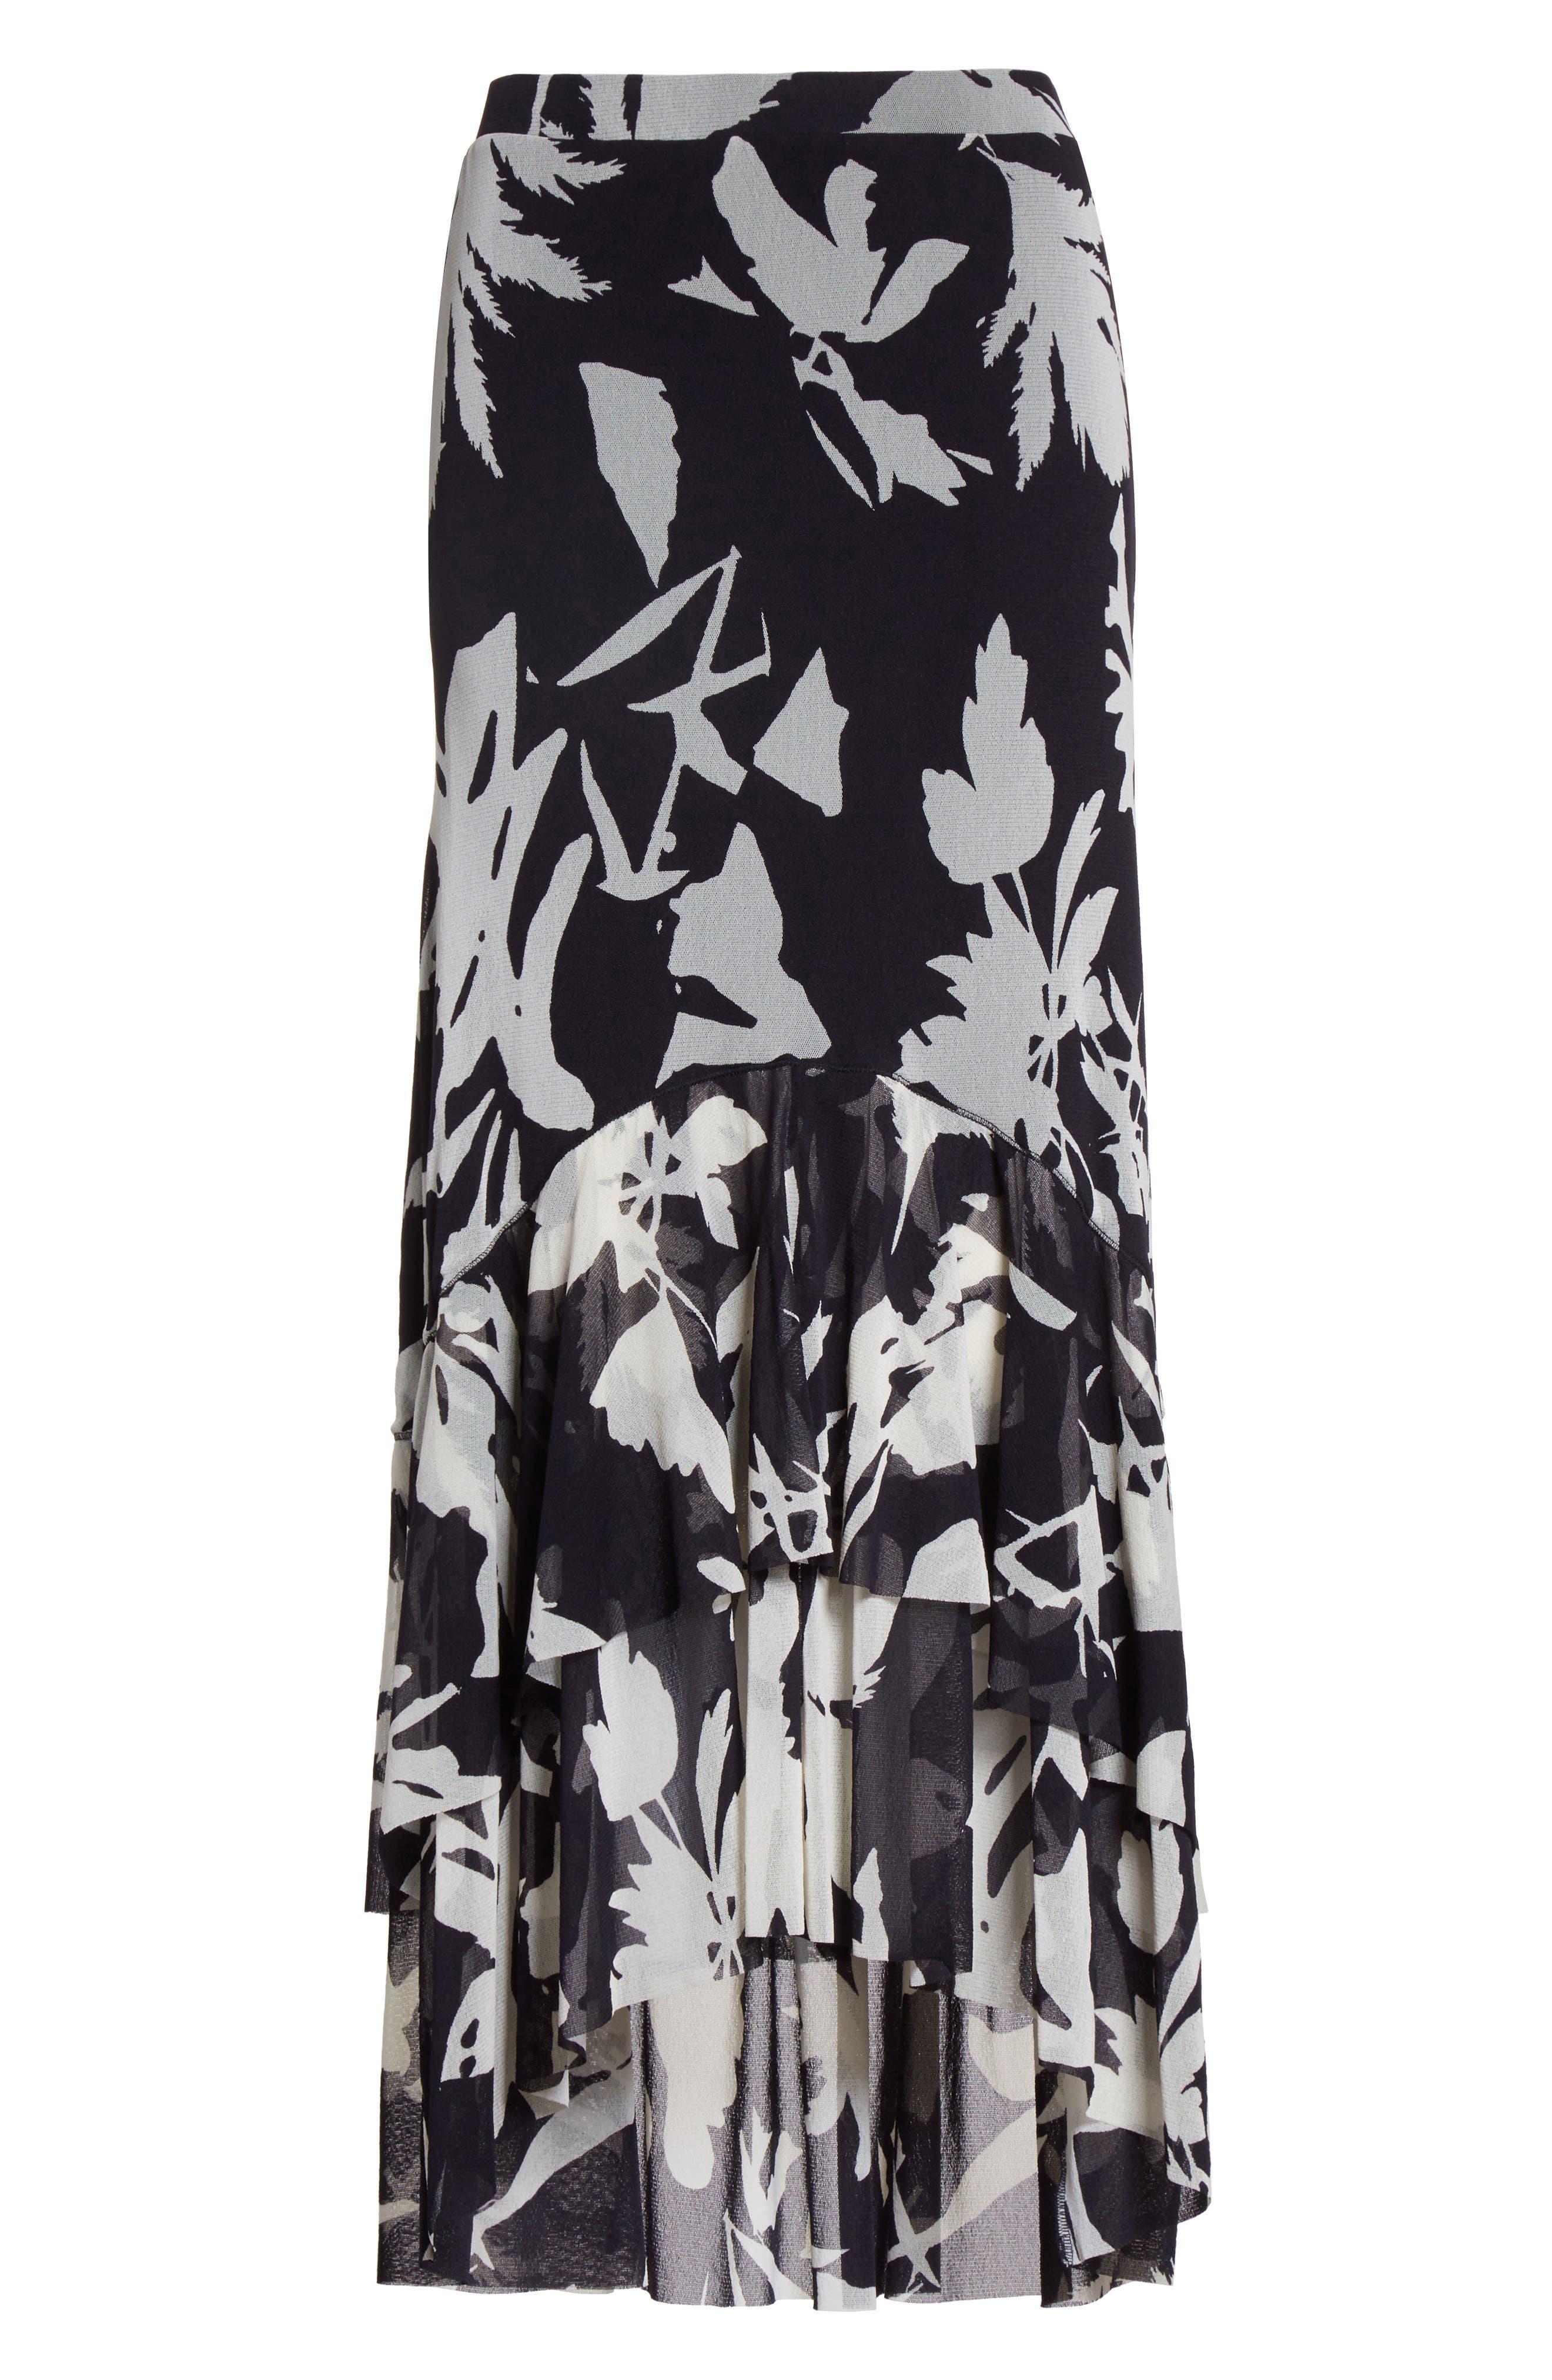 Floral Print Tulle Ruffle Skirt,                             Alternate thumbnail 4, color,                             Black/ White